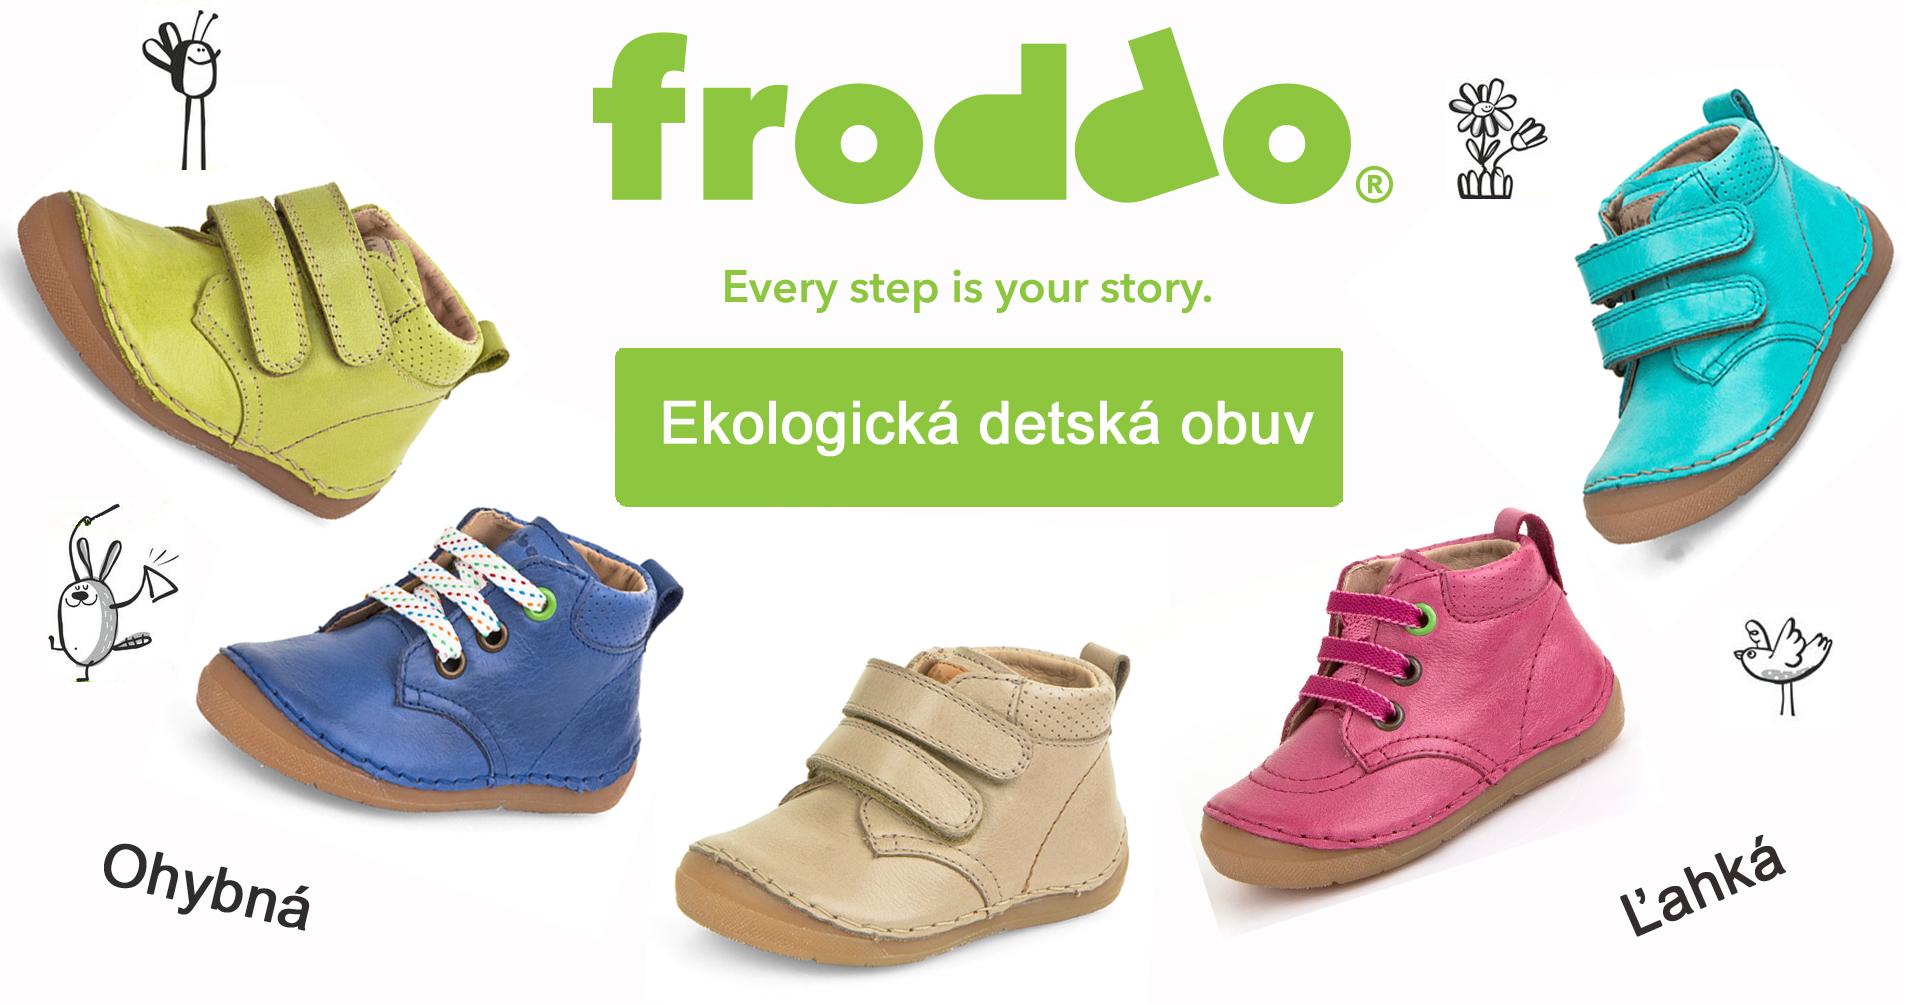 Froddo ekologická detská obuv